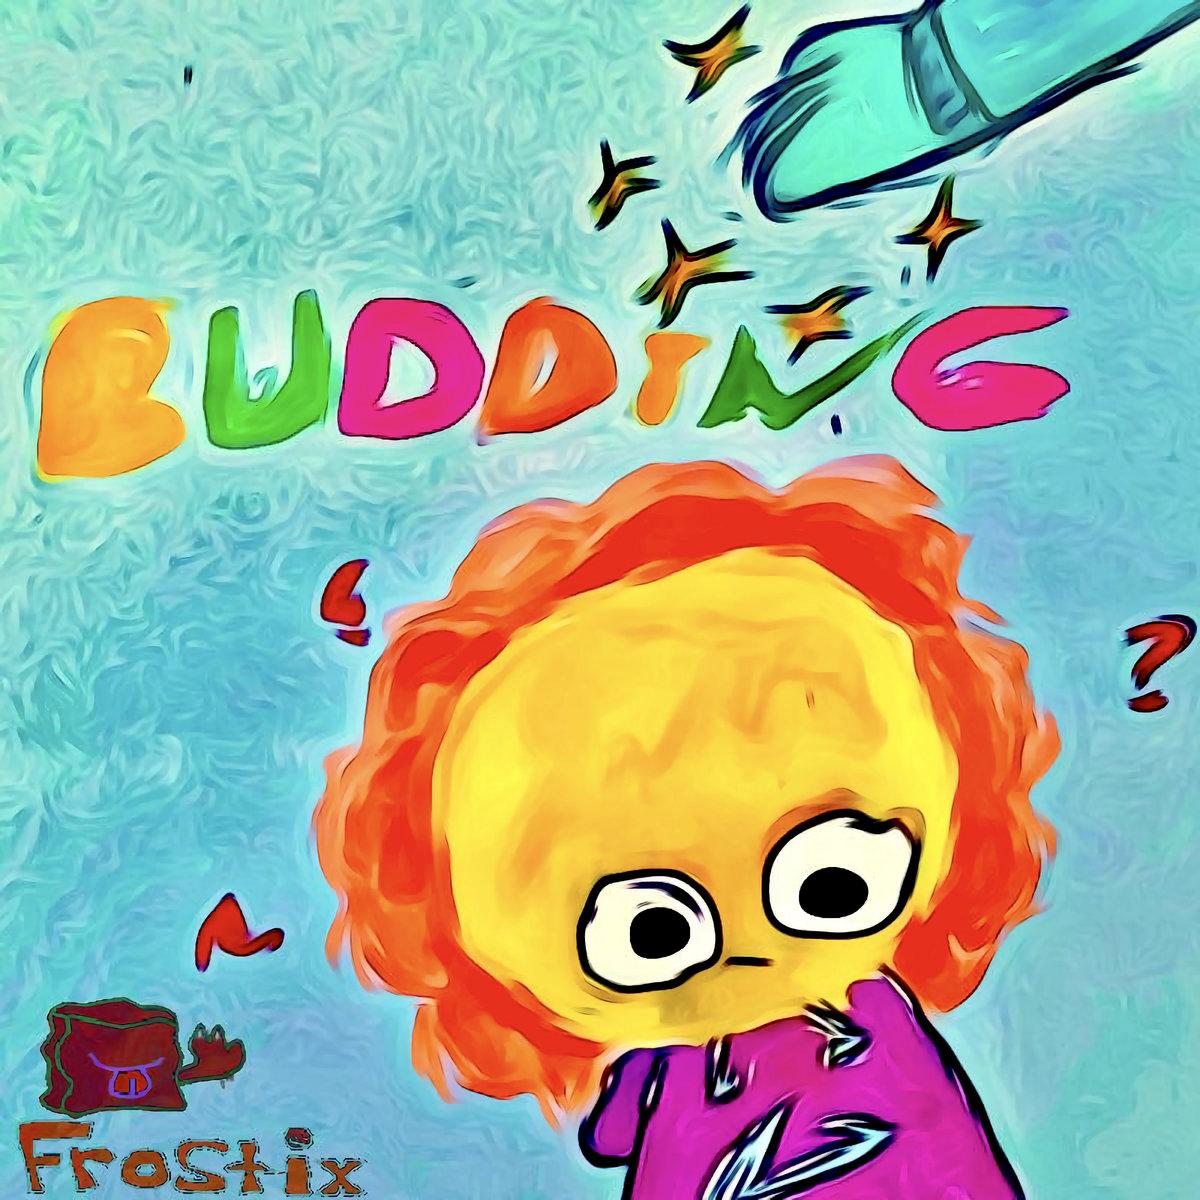 BUDDING. album cover